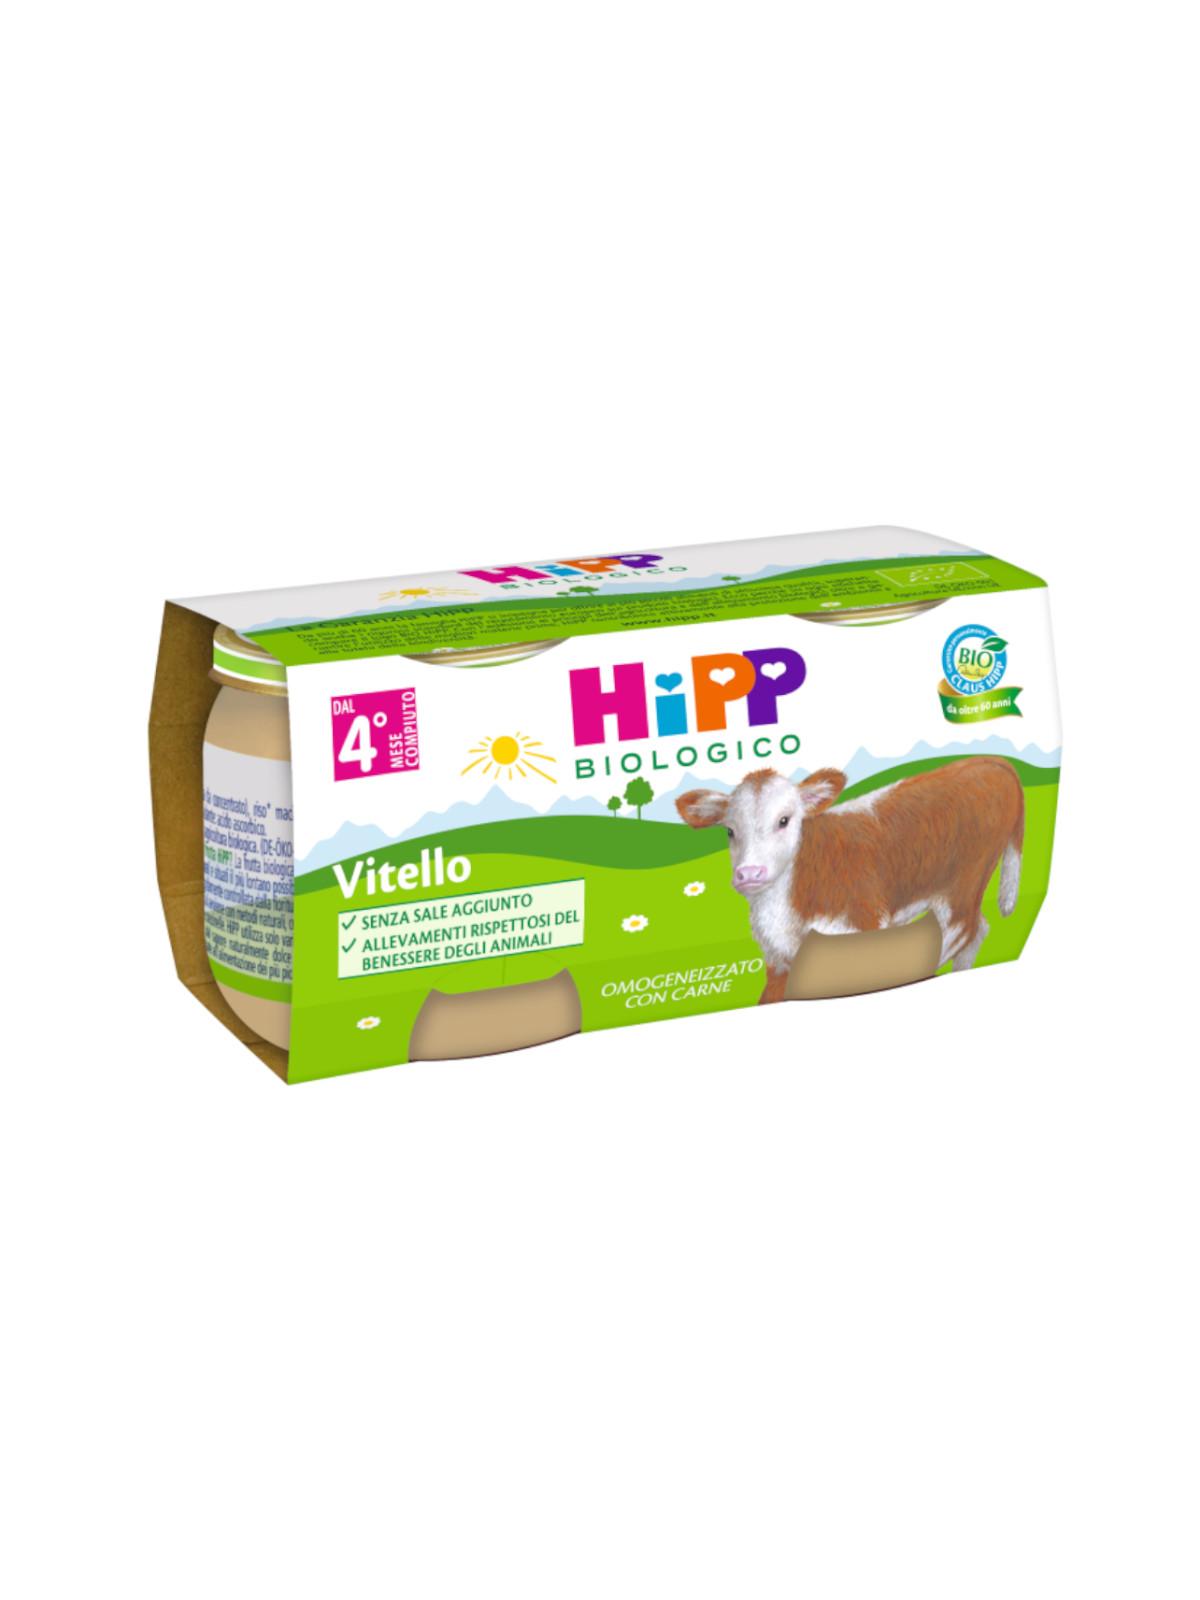 Omogeneizzato vitello 2x80g - Hipp